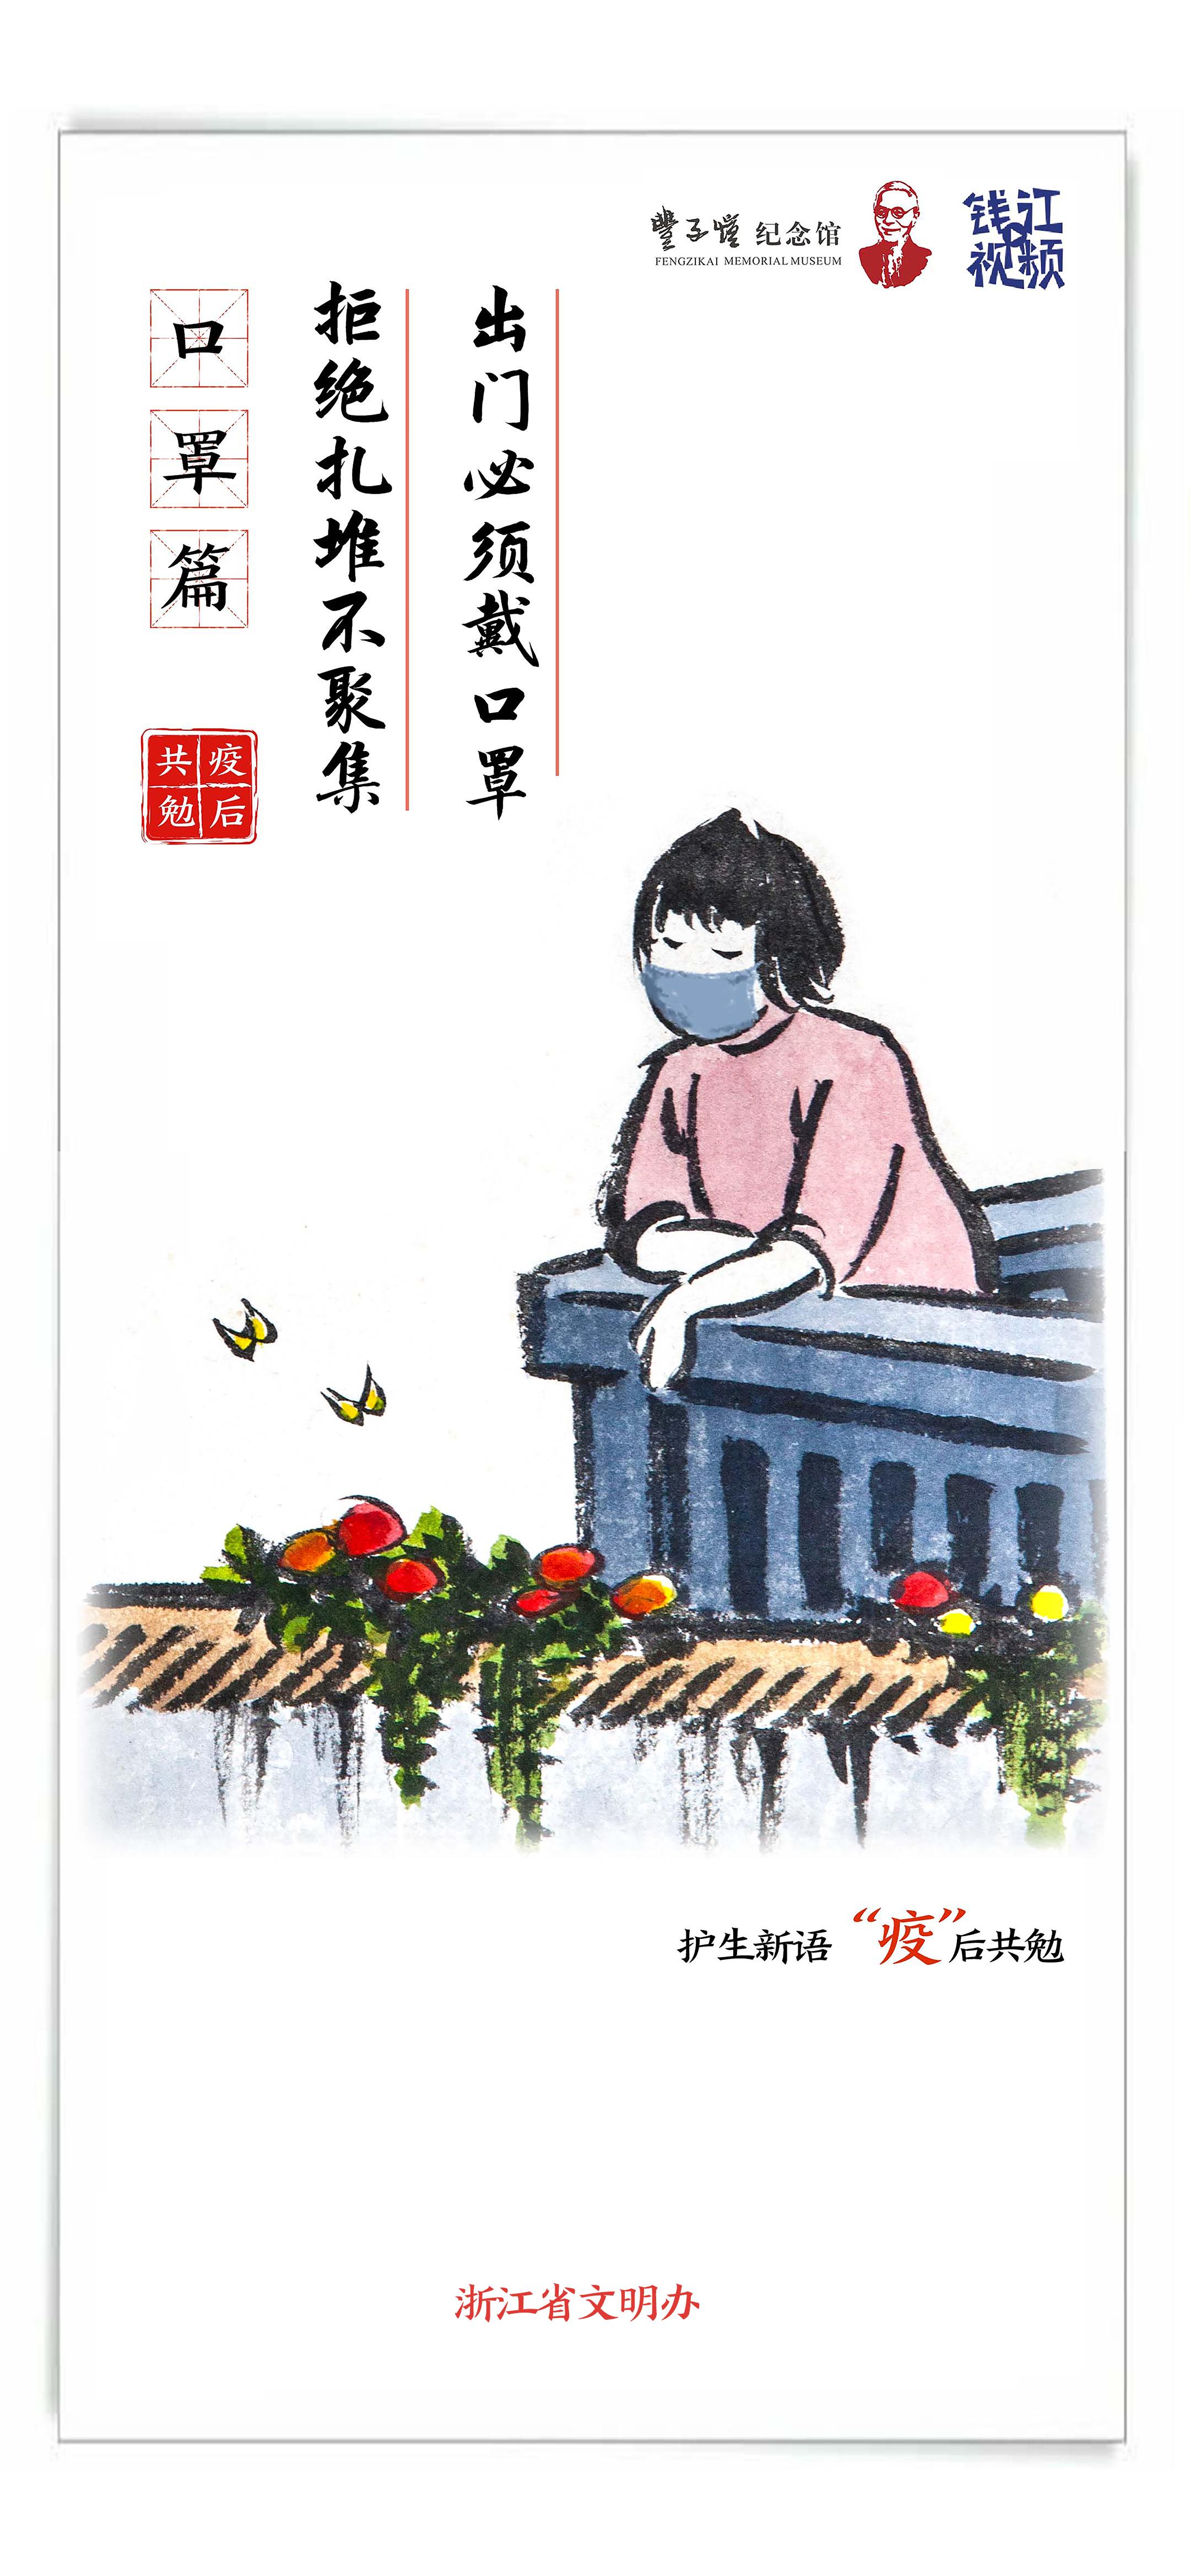 钱江视频-丰子恺主题抗疫公益广告06